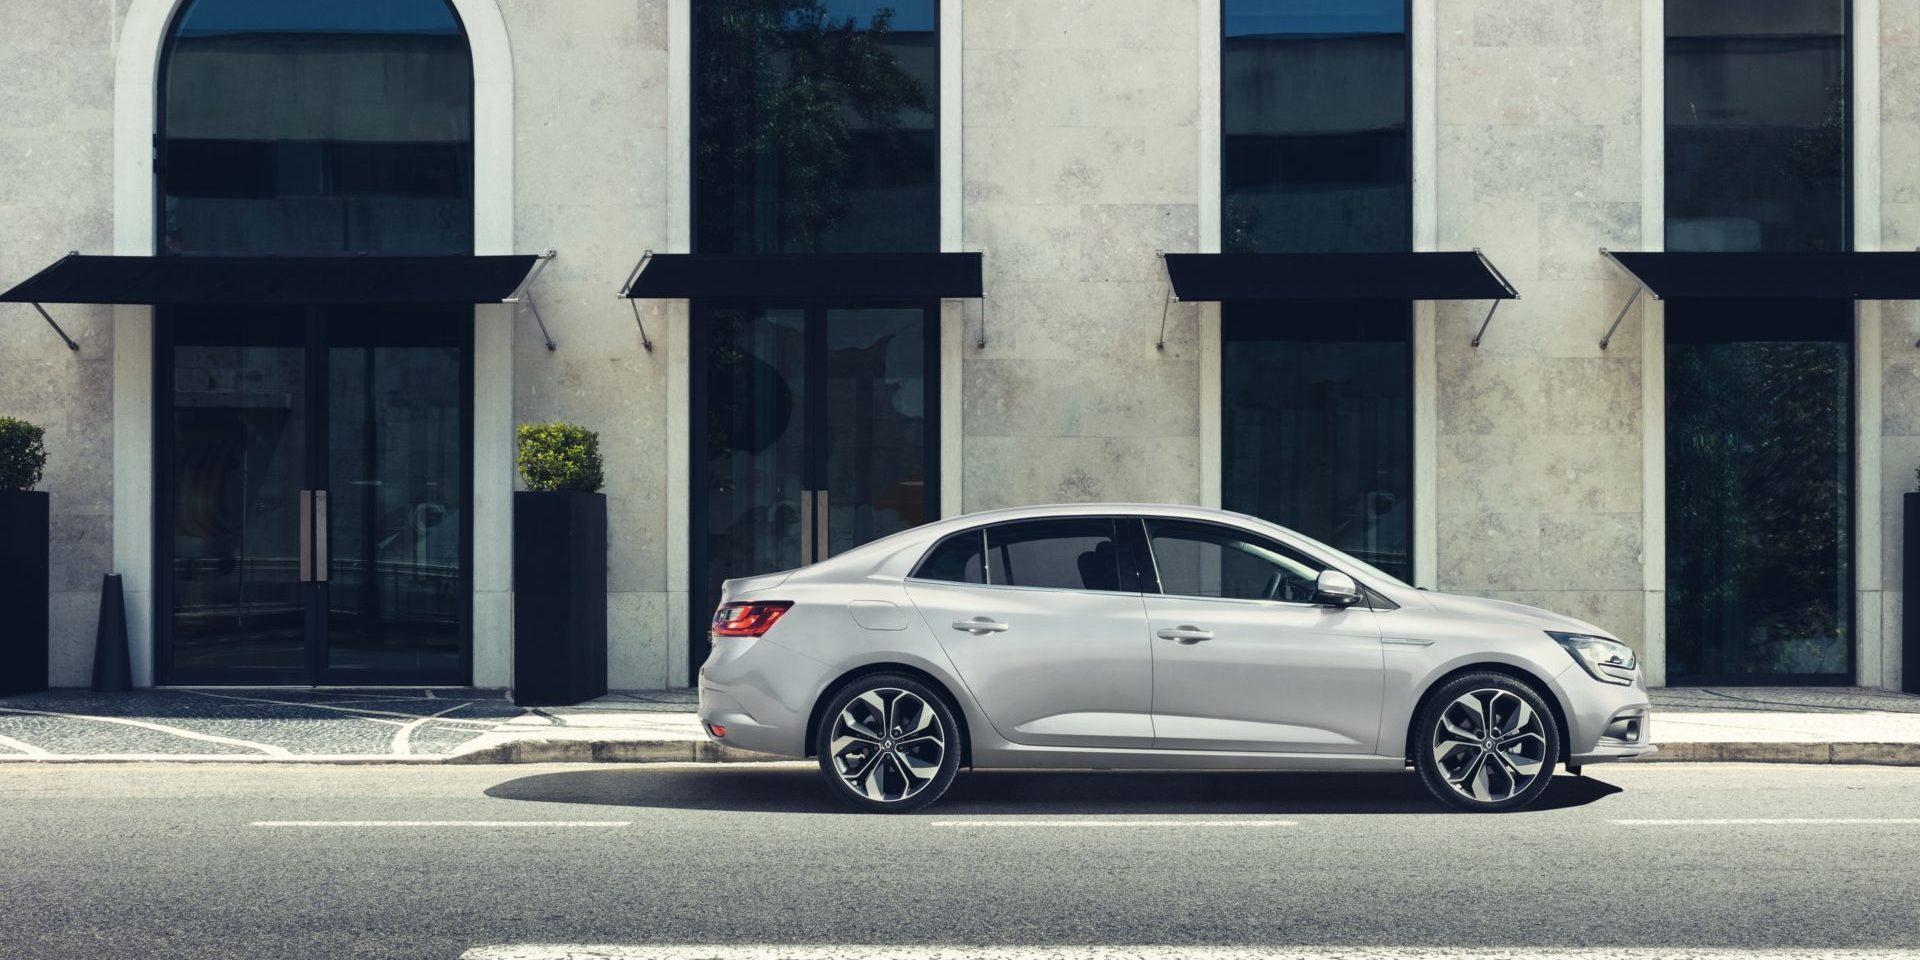 СПЕЦИАЛЬНОЕ ПРЕДЛОЖЕНИЕ* на Renault MEGANE Sedan